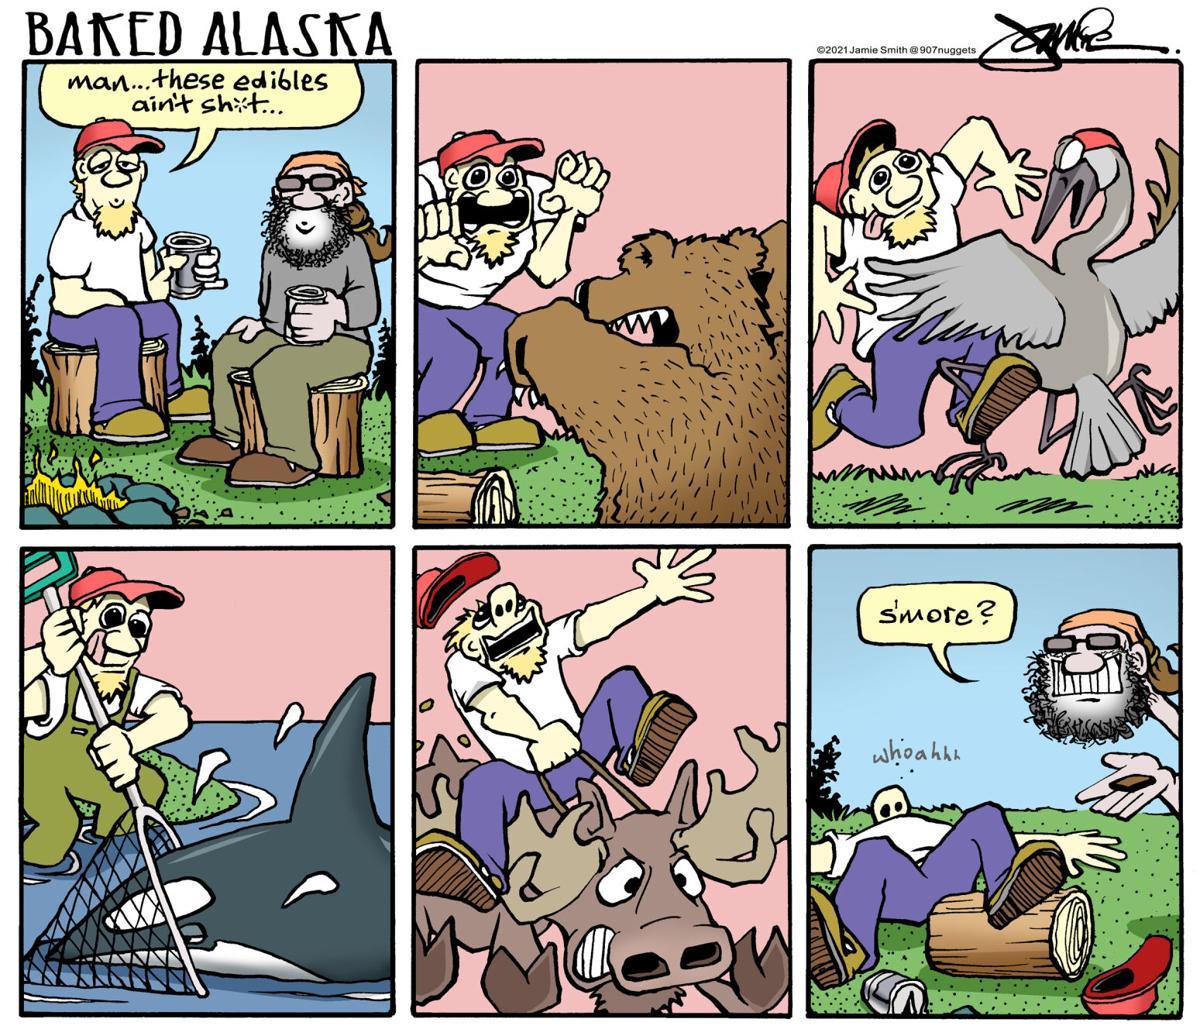 Baked Alaska - S'more?